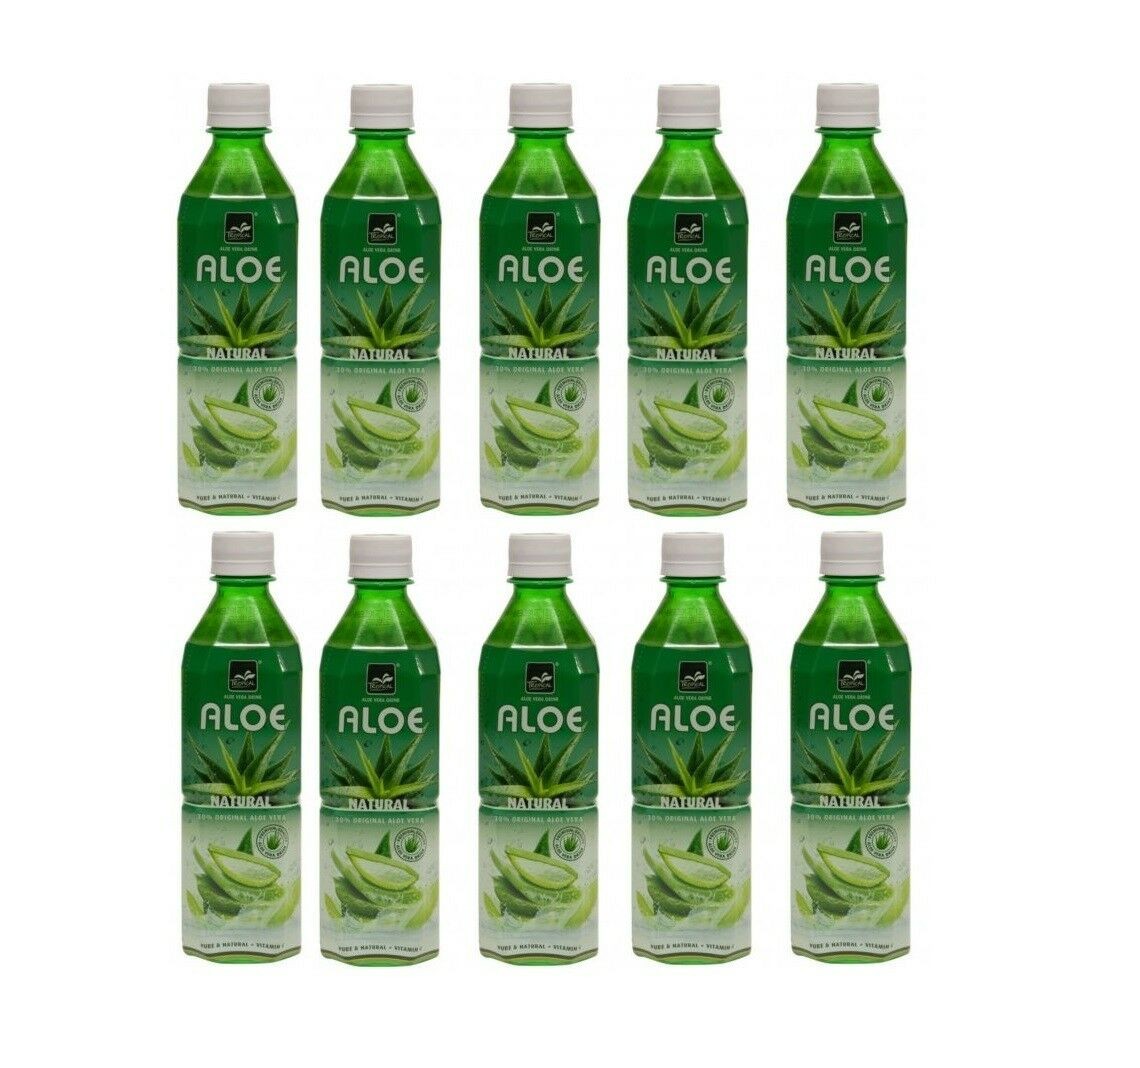 24,90 € per Aloe Vera Tropical Ml500 X10 Bottiglie Bevanda Energetica Vitamine su eBay.it